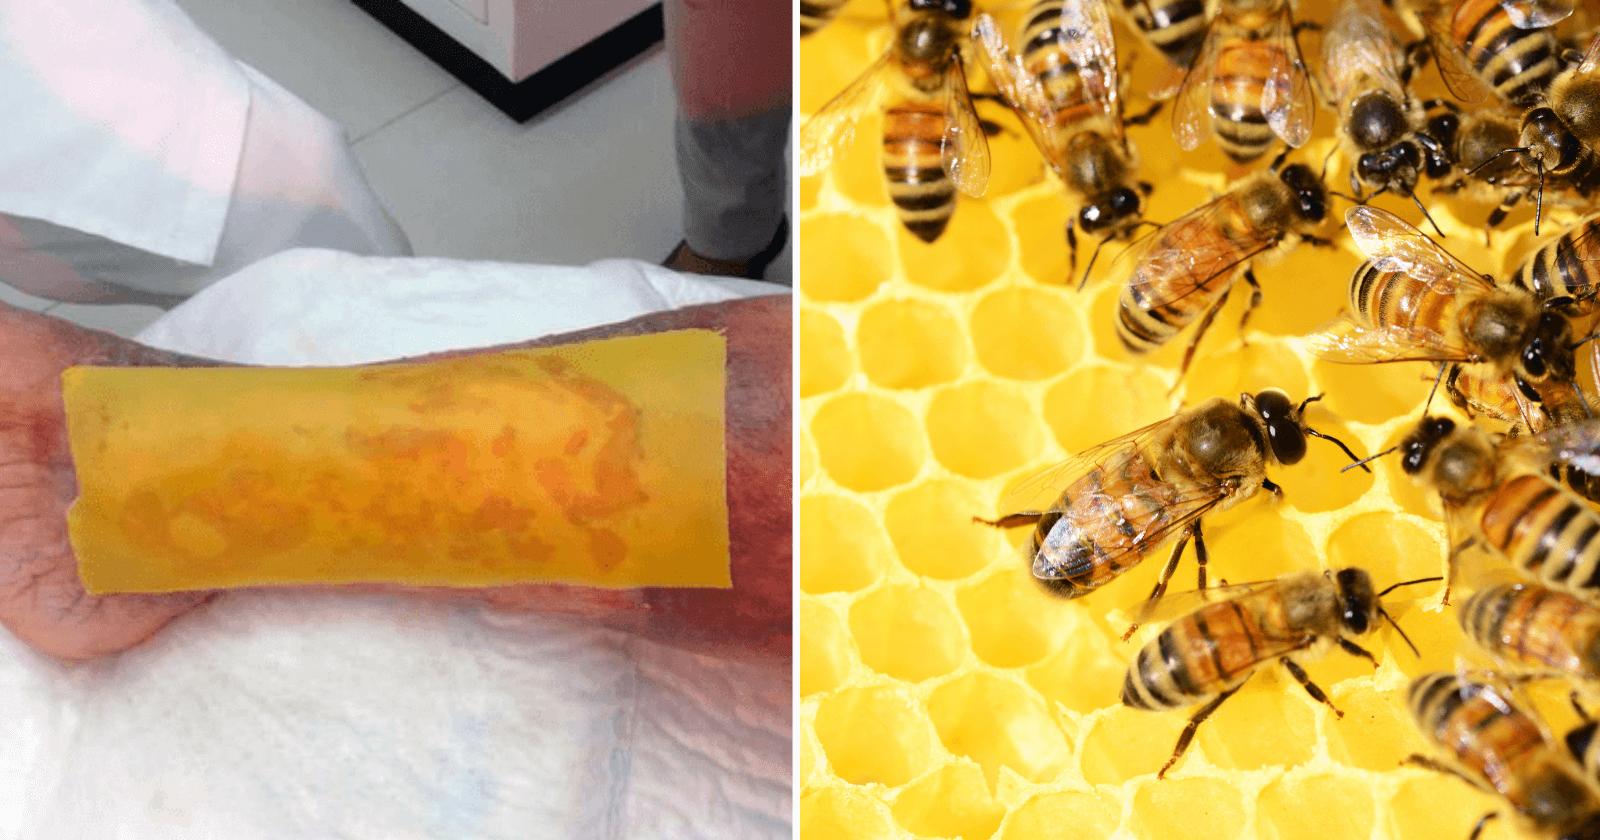 Cientistas criam adesivo feito com mel que cura feridas causadas pela diabetes em menos de 1 mês